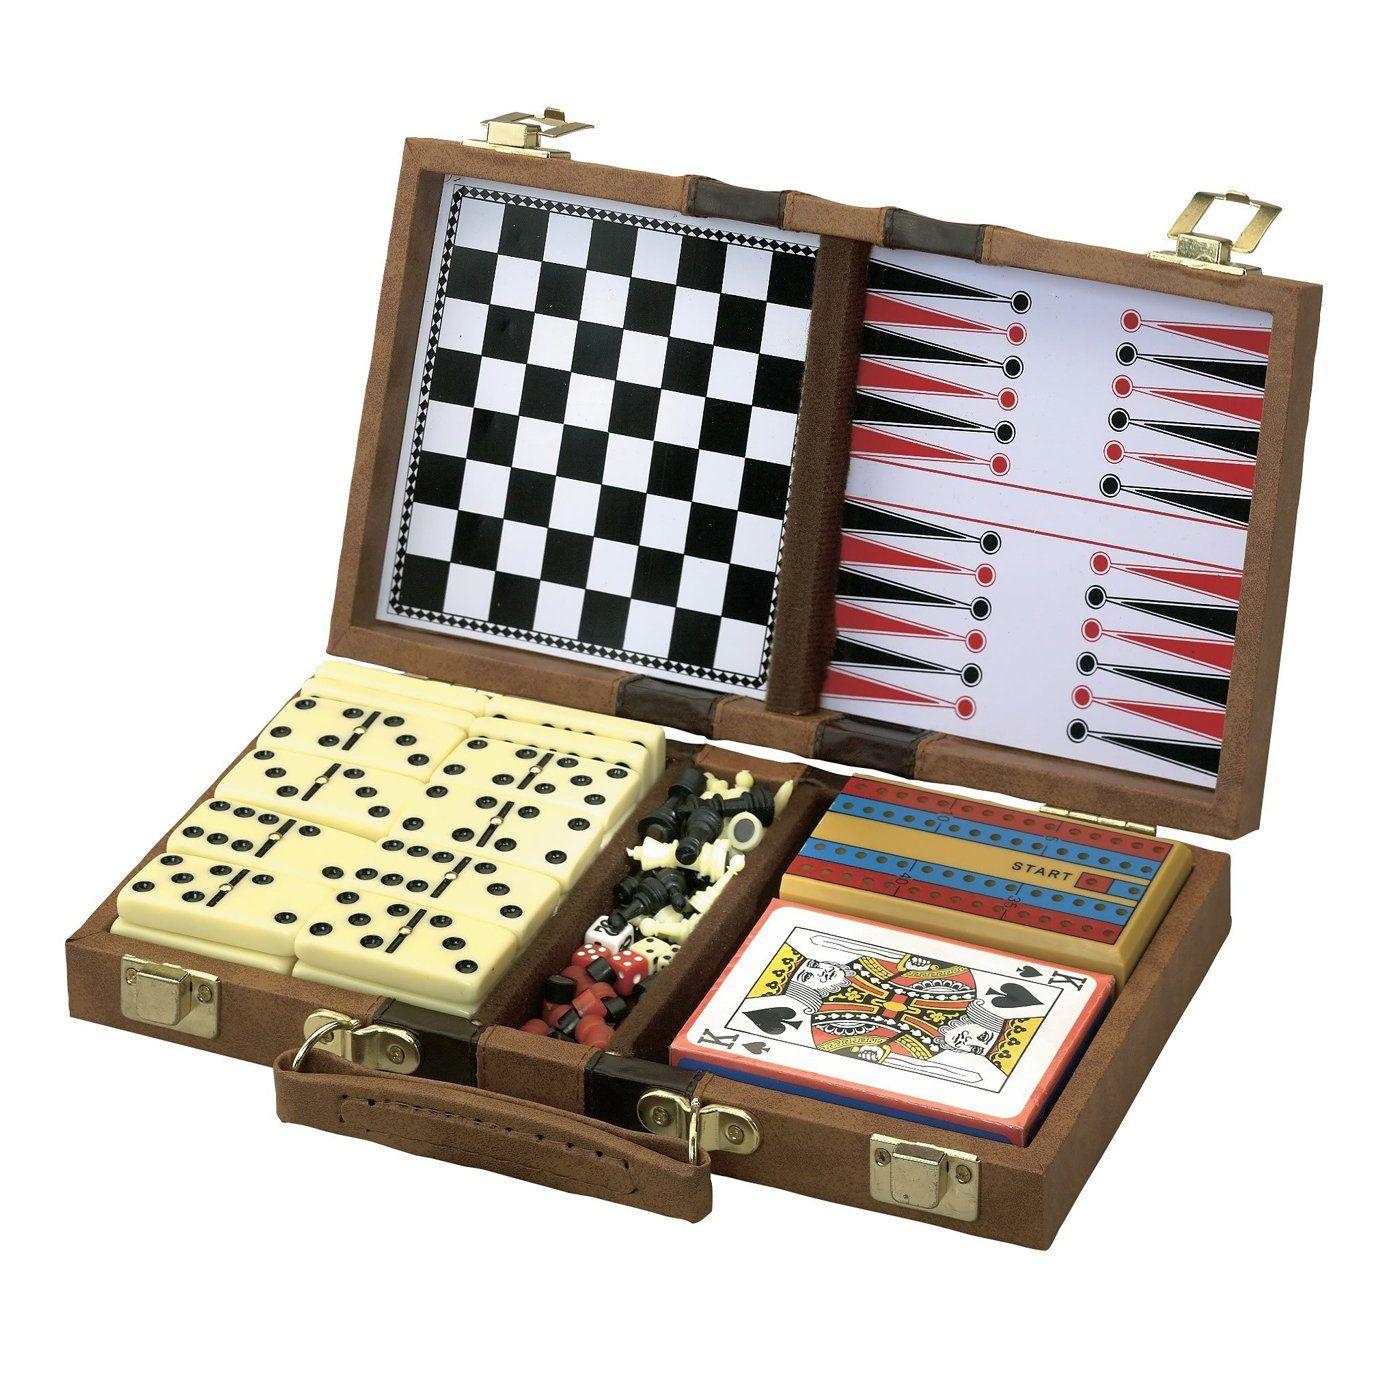 Fatcat 550203 6in1 game set classic board games